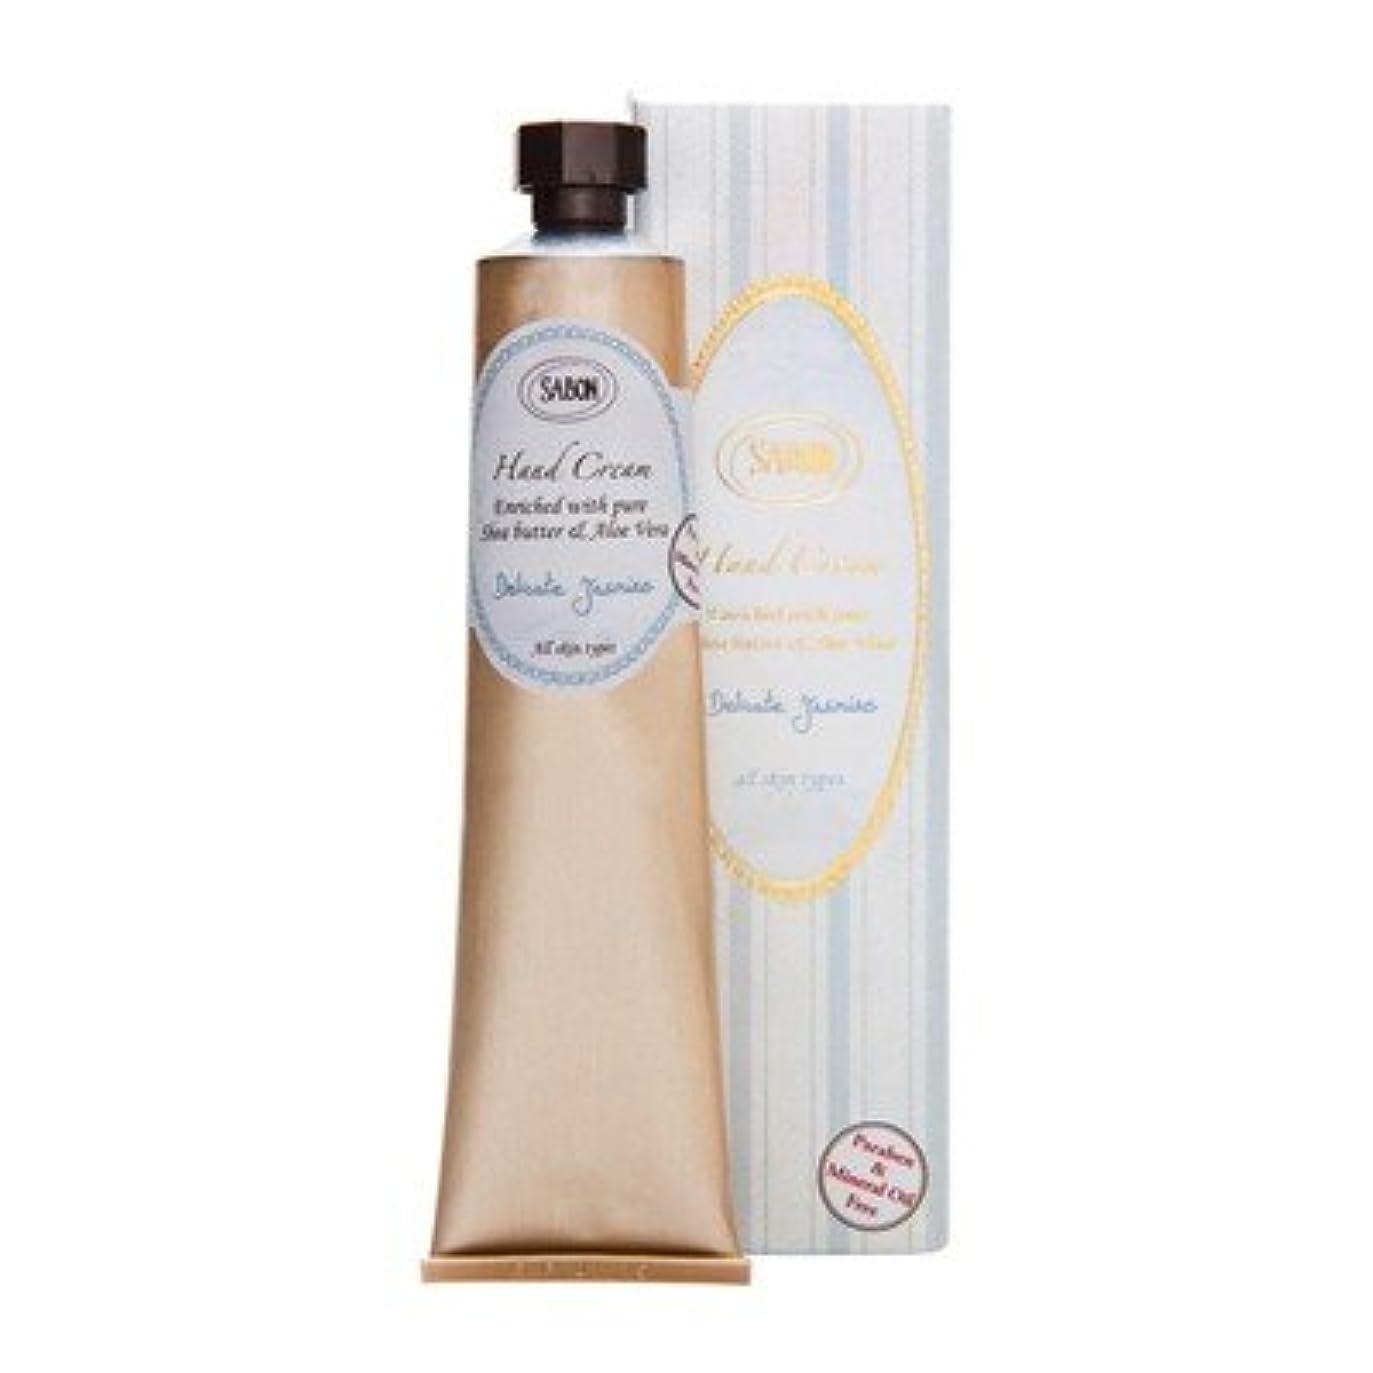 大胆不敵着飾る洗う【SABON(サボン)】ハンド クリーム デリケート ジャスミン Hand Cream Delicate Jasmine